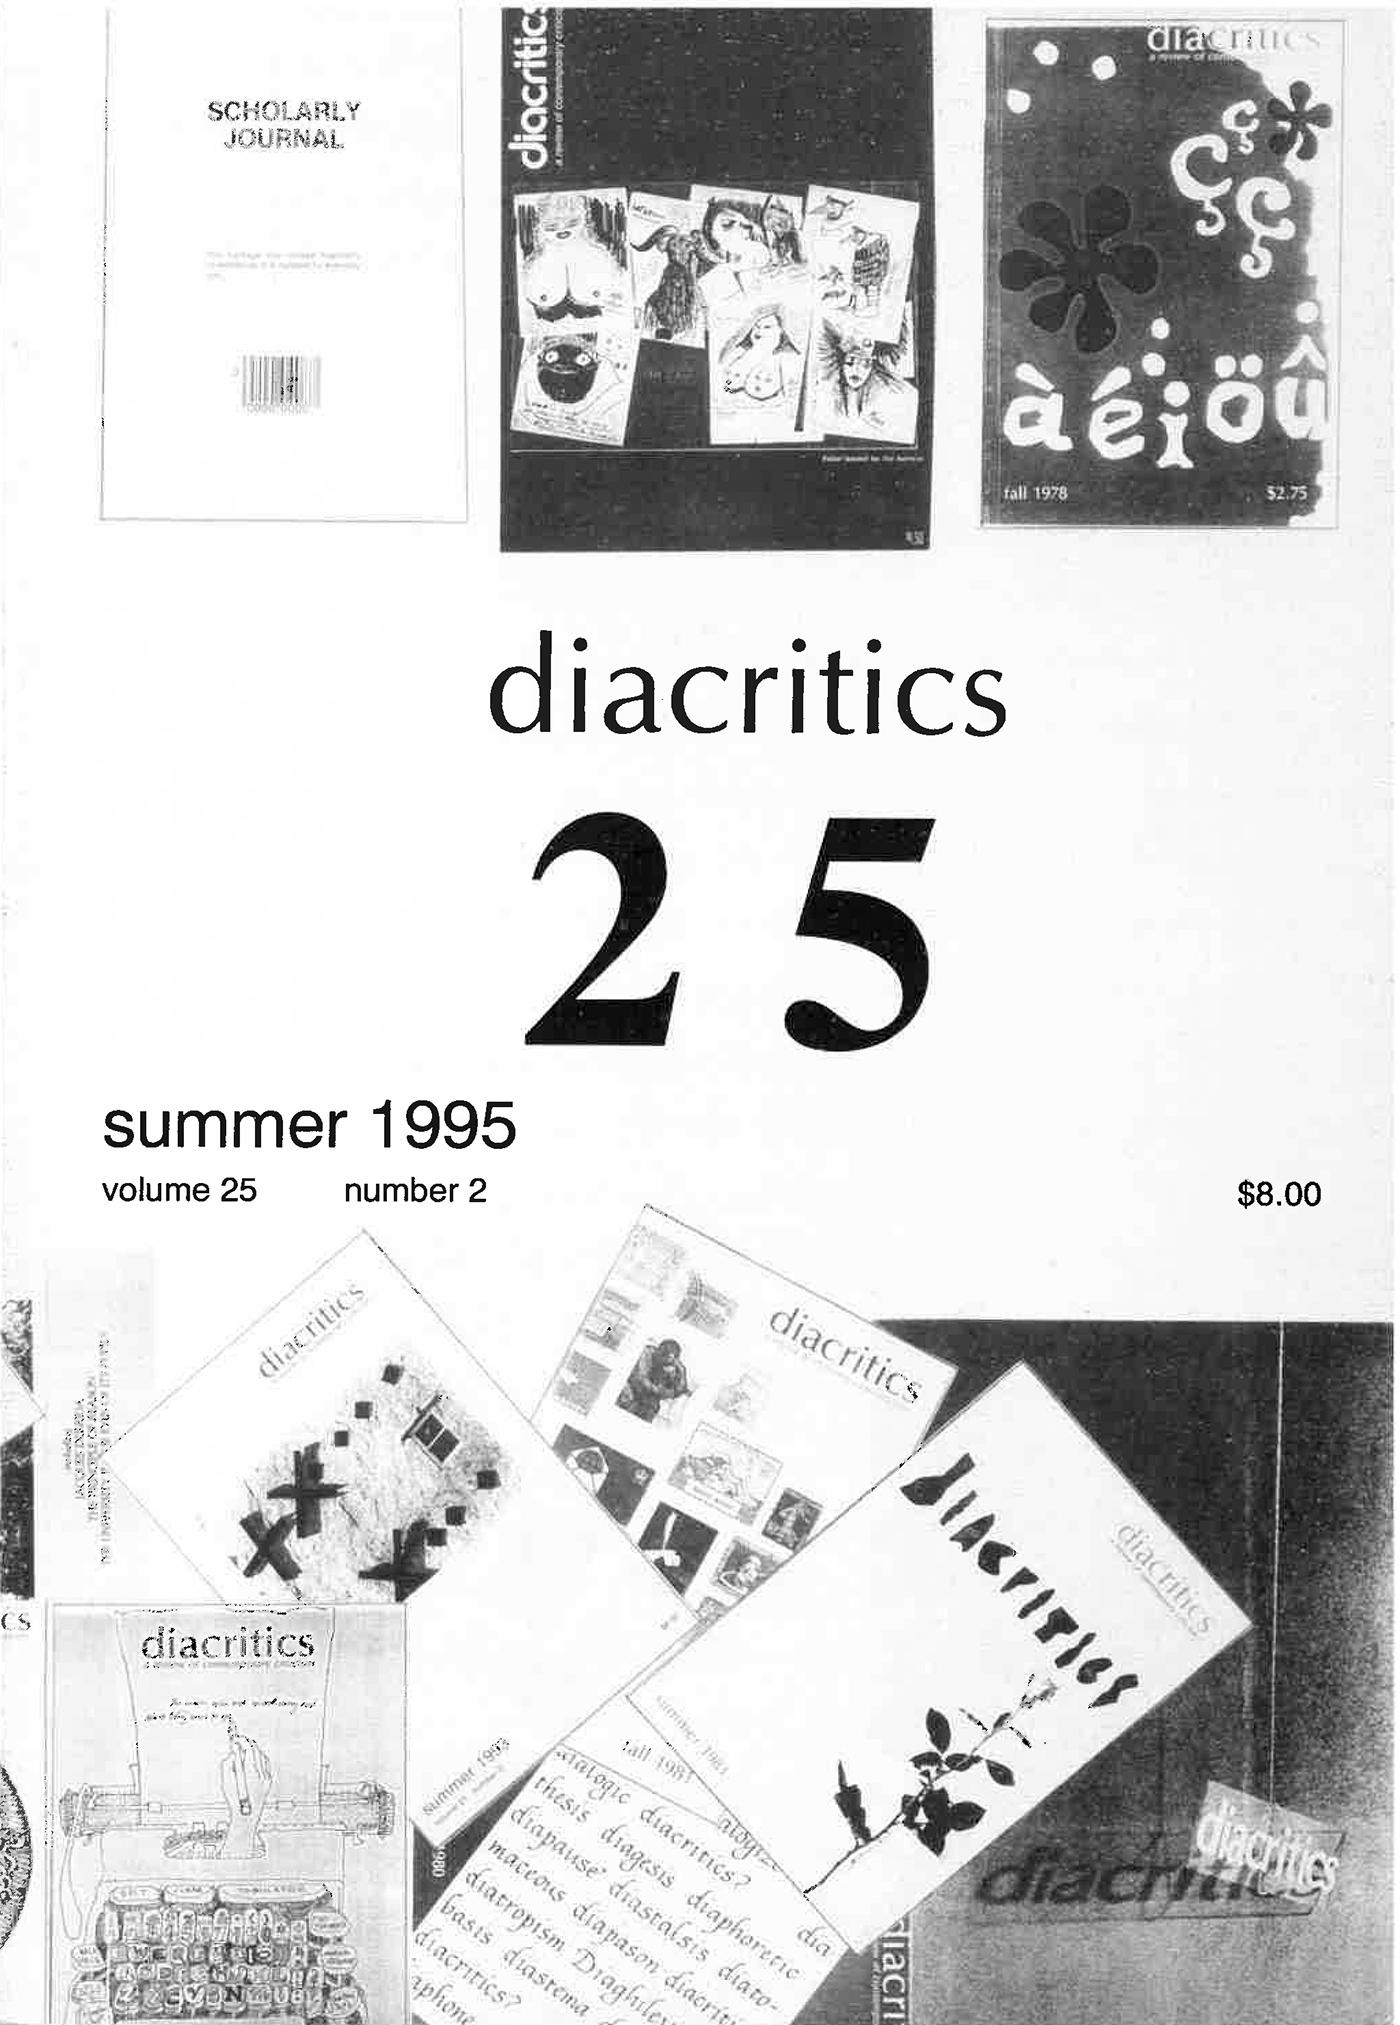 DIACRITICS VOLUME 25 NUMBER 2 1995